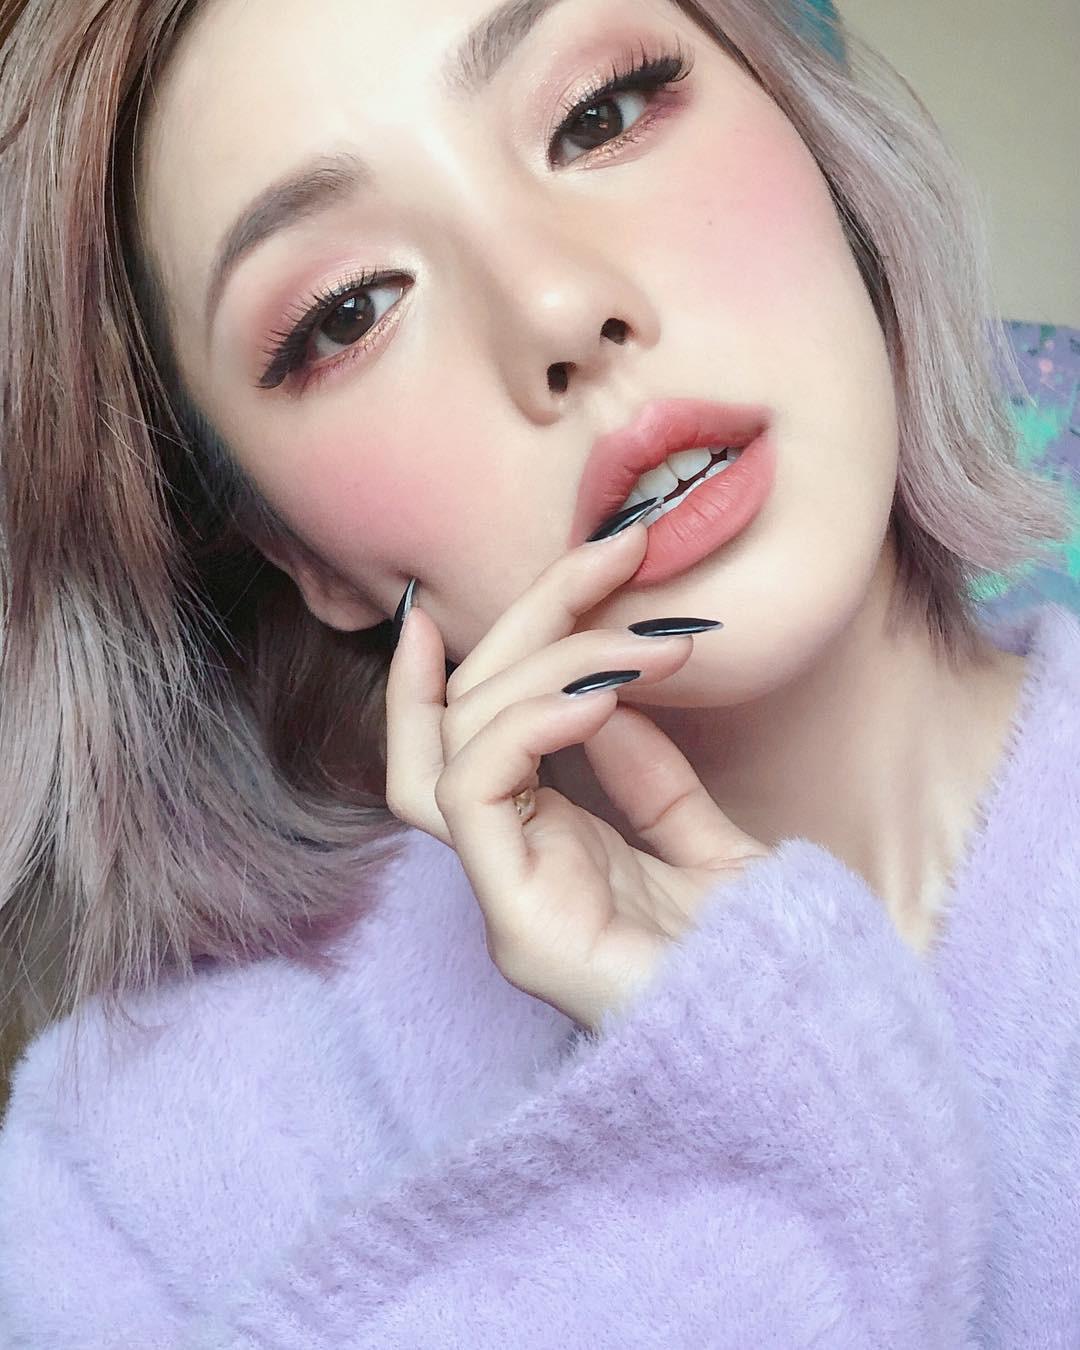 Với 10 tips nhỏ nhưng có võ này, cô nàng mới tập tành makeup sẽ thấy lên tay hơn hẳn! - Ảnh 3.